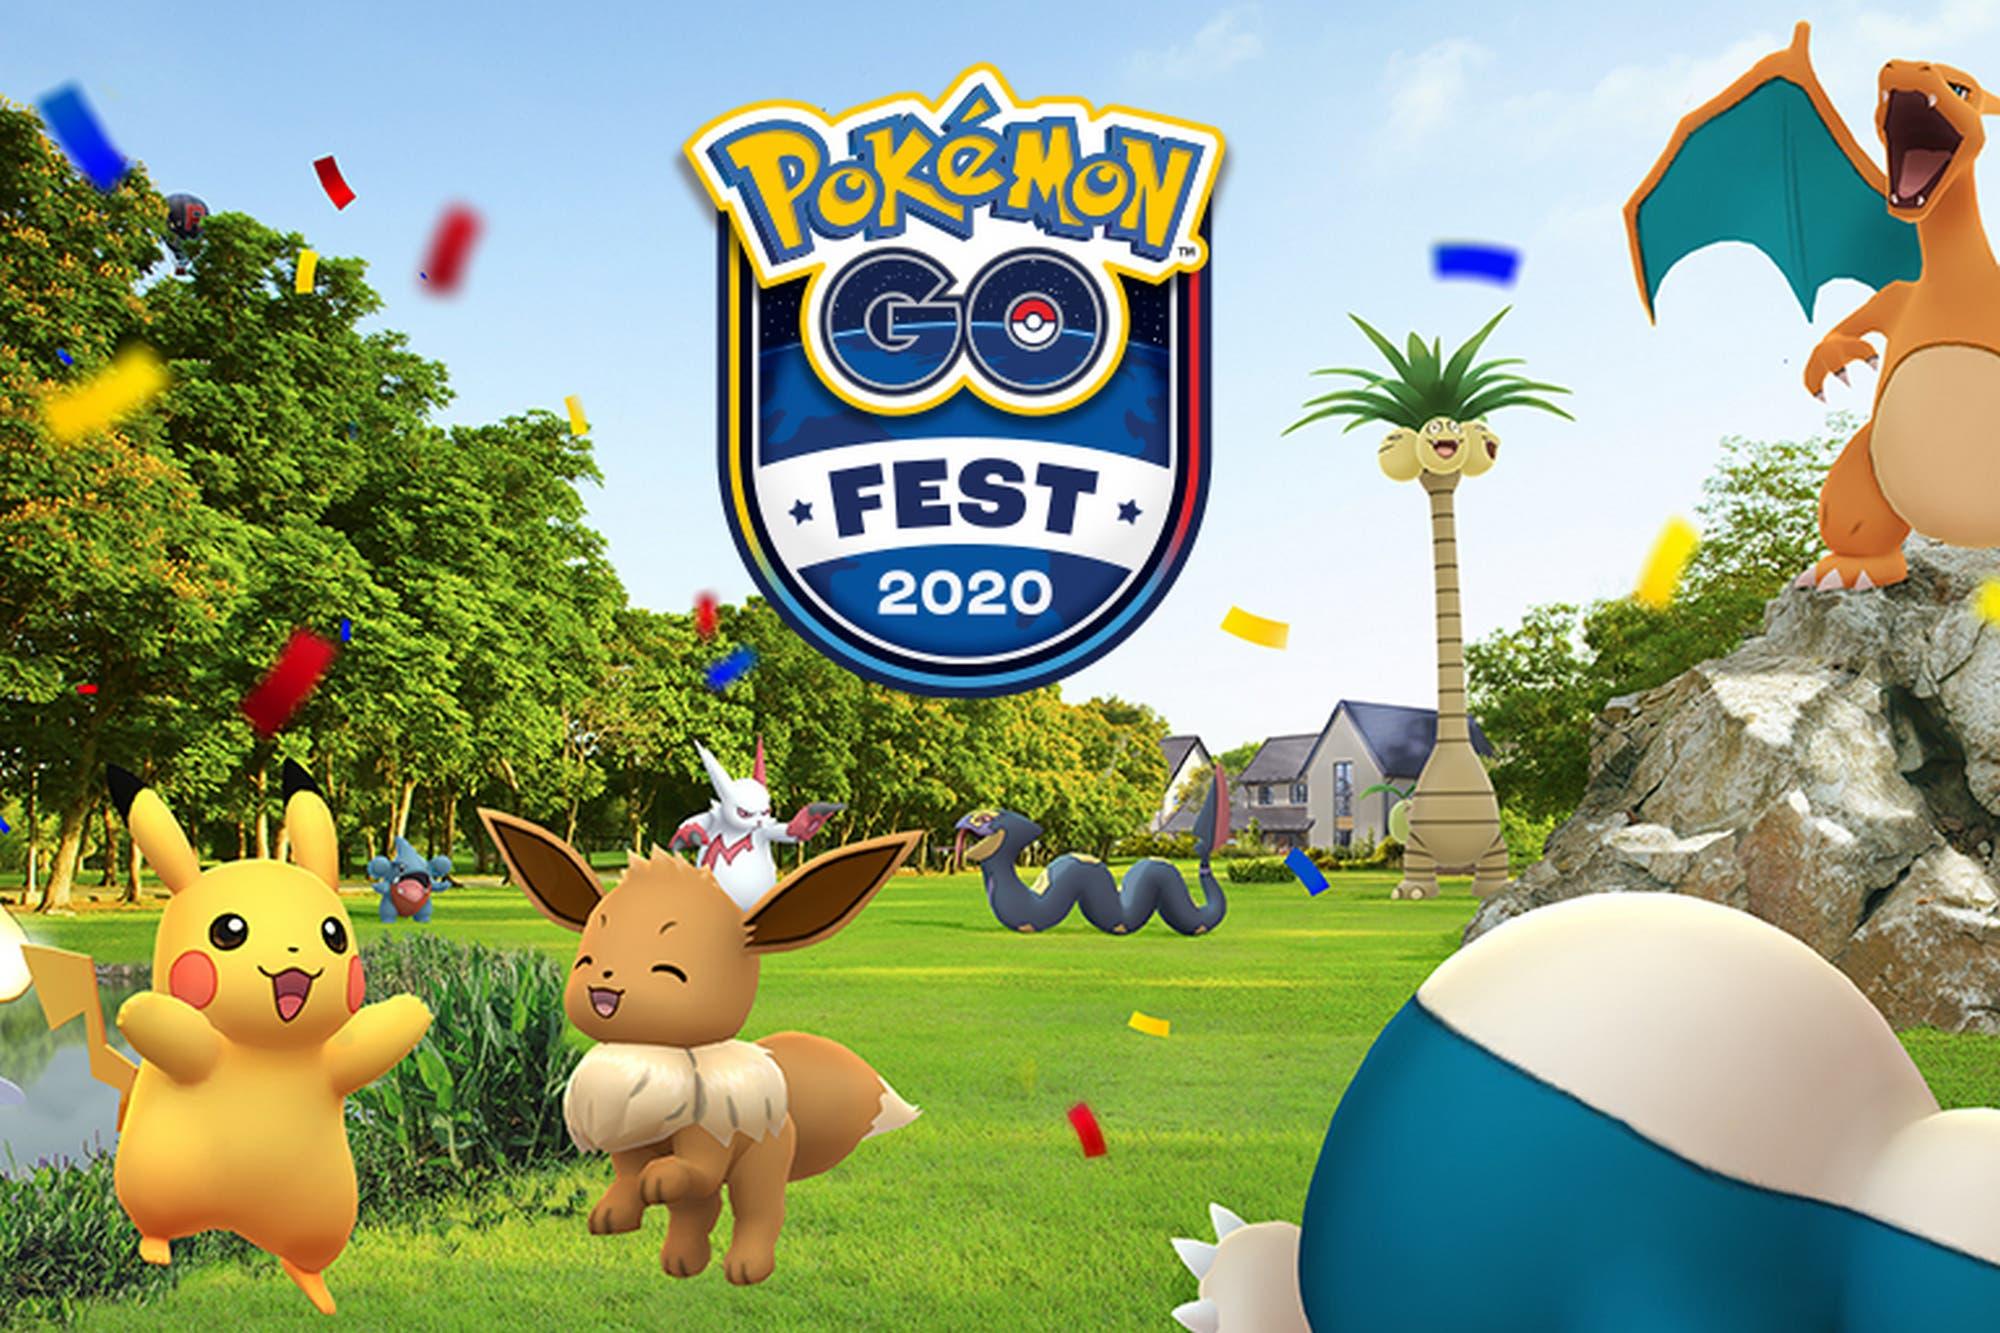 Pokémon Go celebra sus cuatro años con un festival online y nuevos desafíos semanales